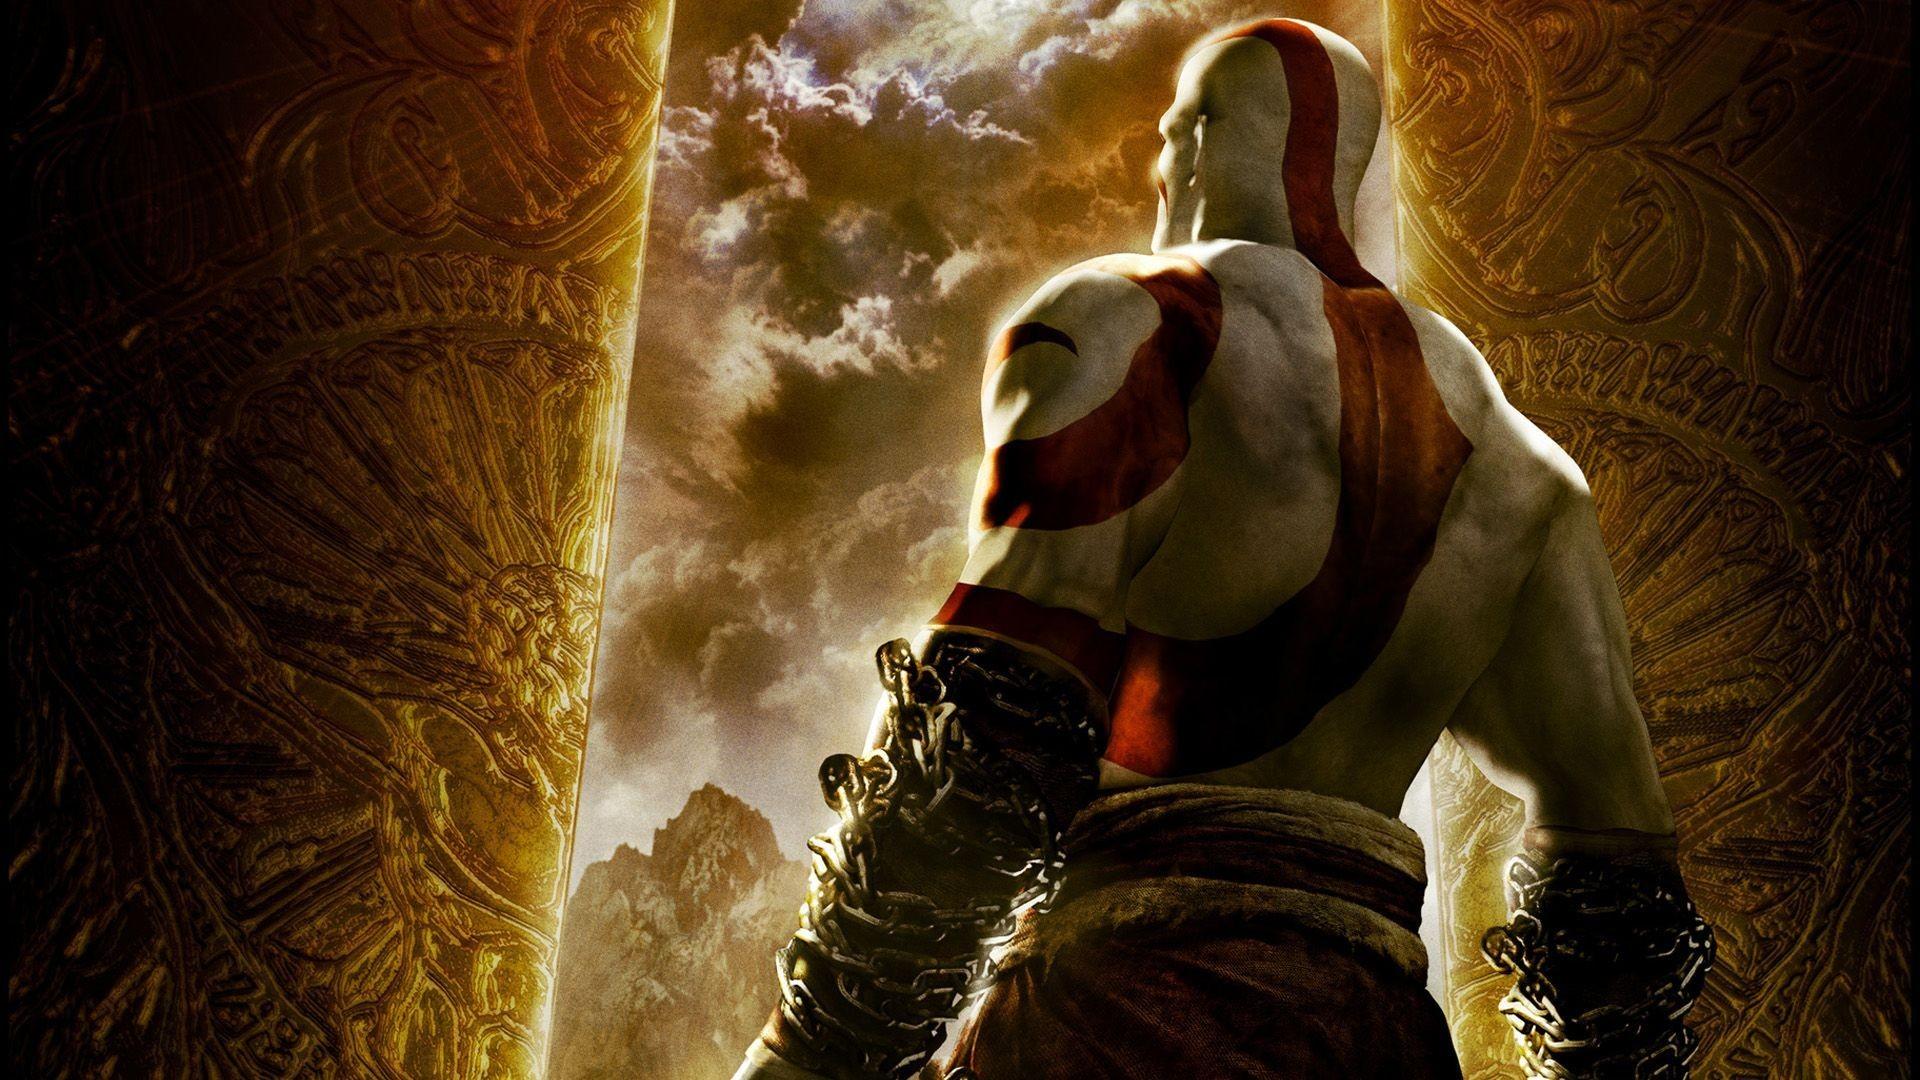 God Of War HD Wallpapers – Wallpaper Cave